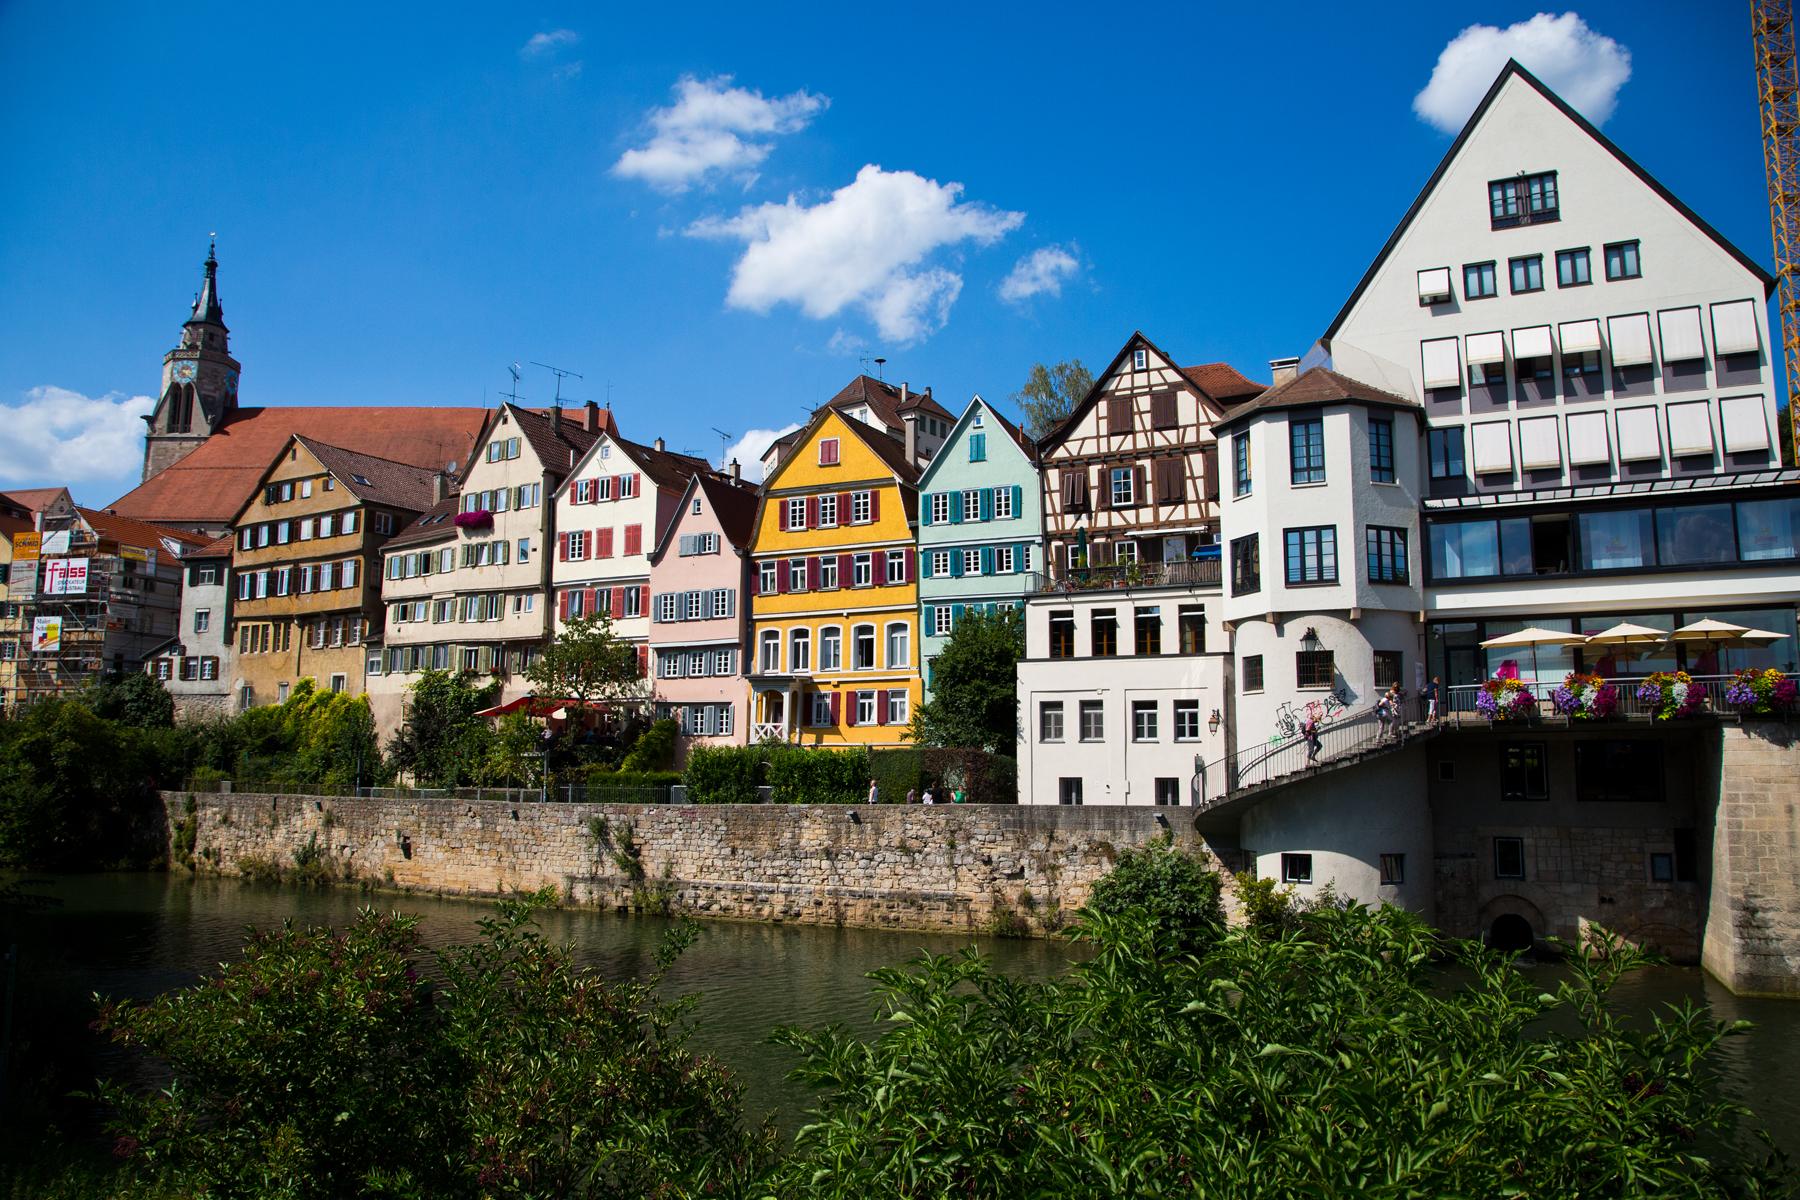 Häuserzeile am Neckarufer